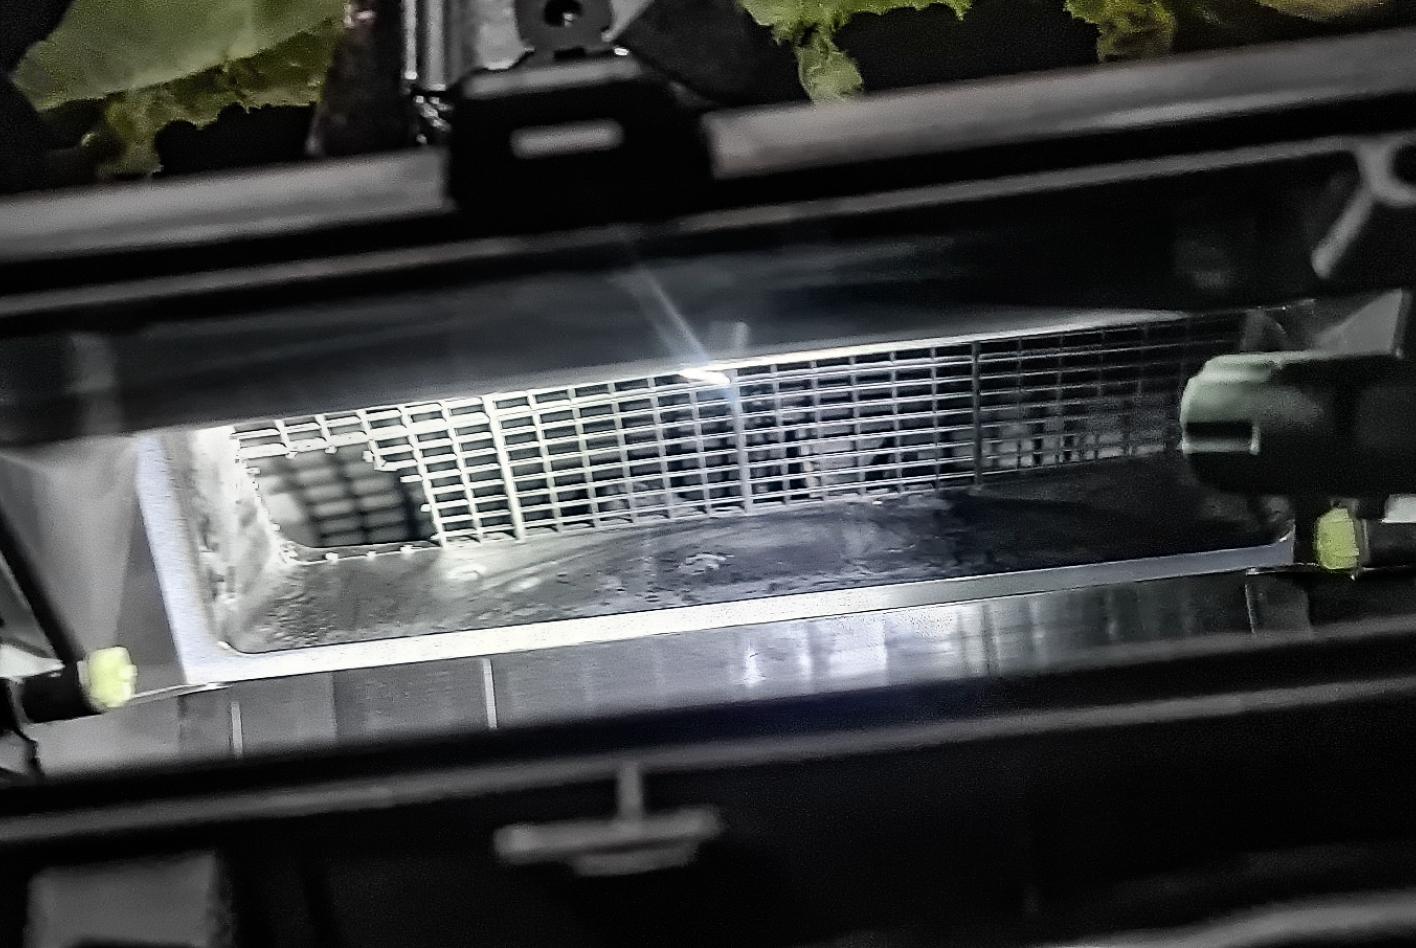 Durch den Lüftungseingang ist die Maus ins Auto gekommen. Sie hat das Gitter durchgebissen.